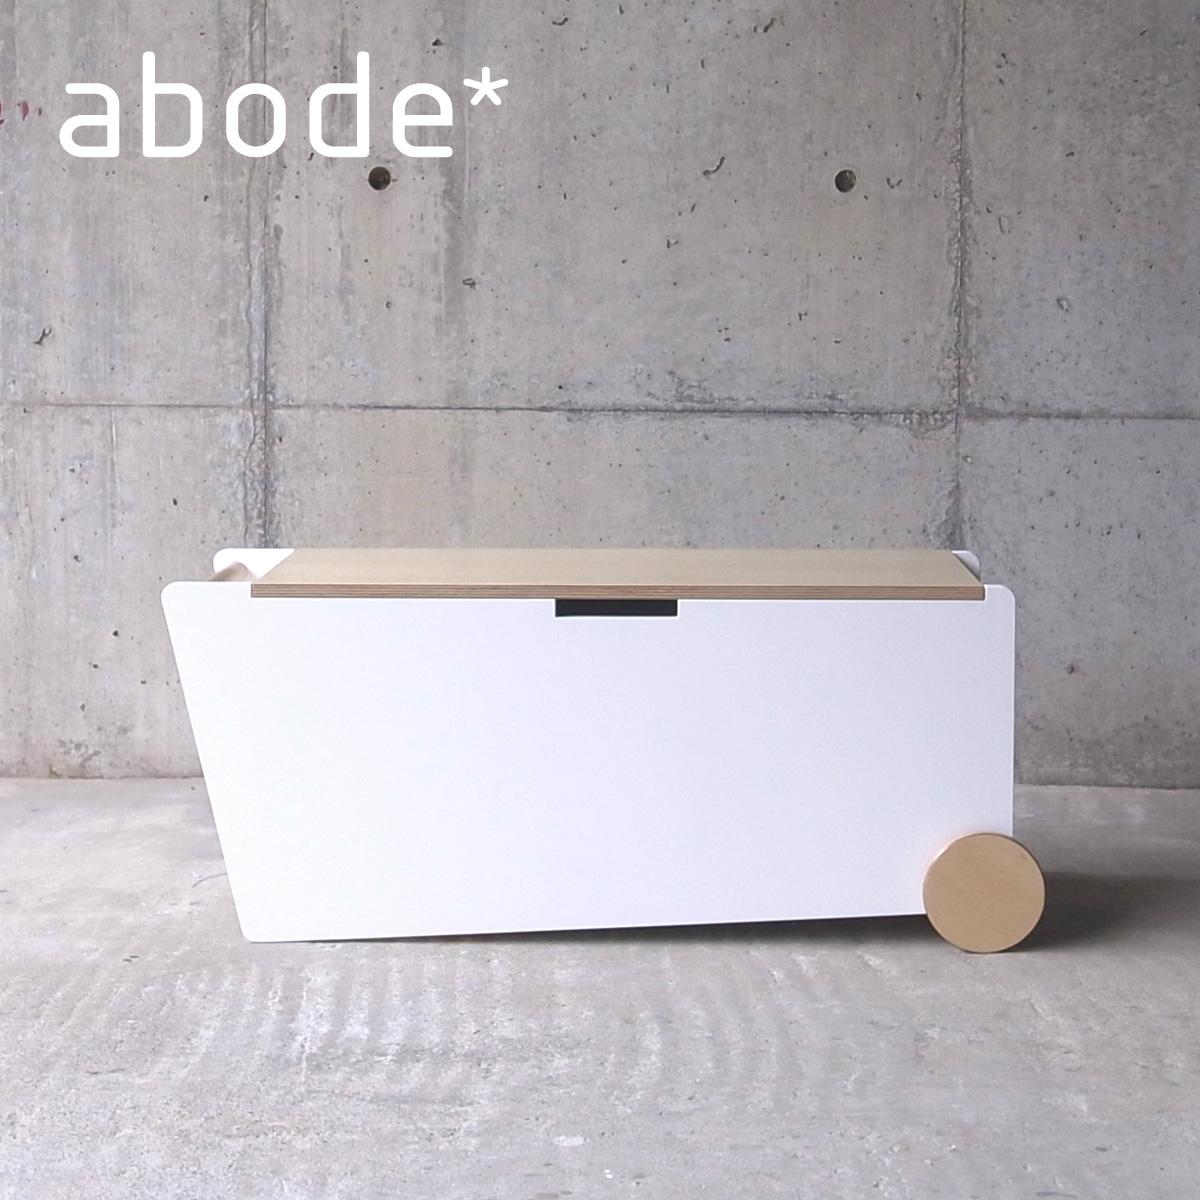 【全品ポイント2~20倍】abode アボード 家具 ベンチボックス ホワイト BENCH BOX/津留 敬文 収納・ボックス・キャスターボックス・サイドテーブルデザイナーズ家具